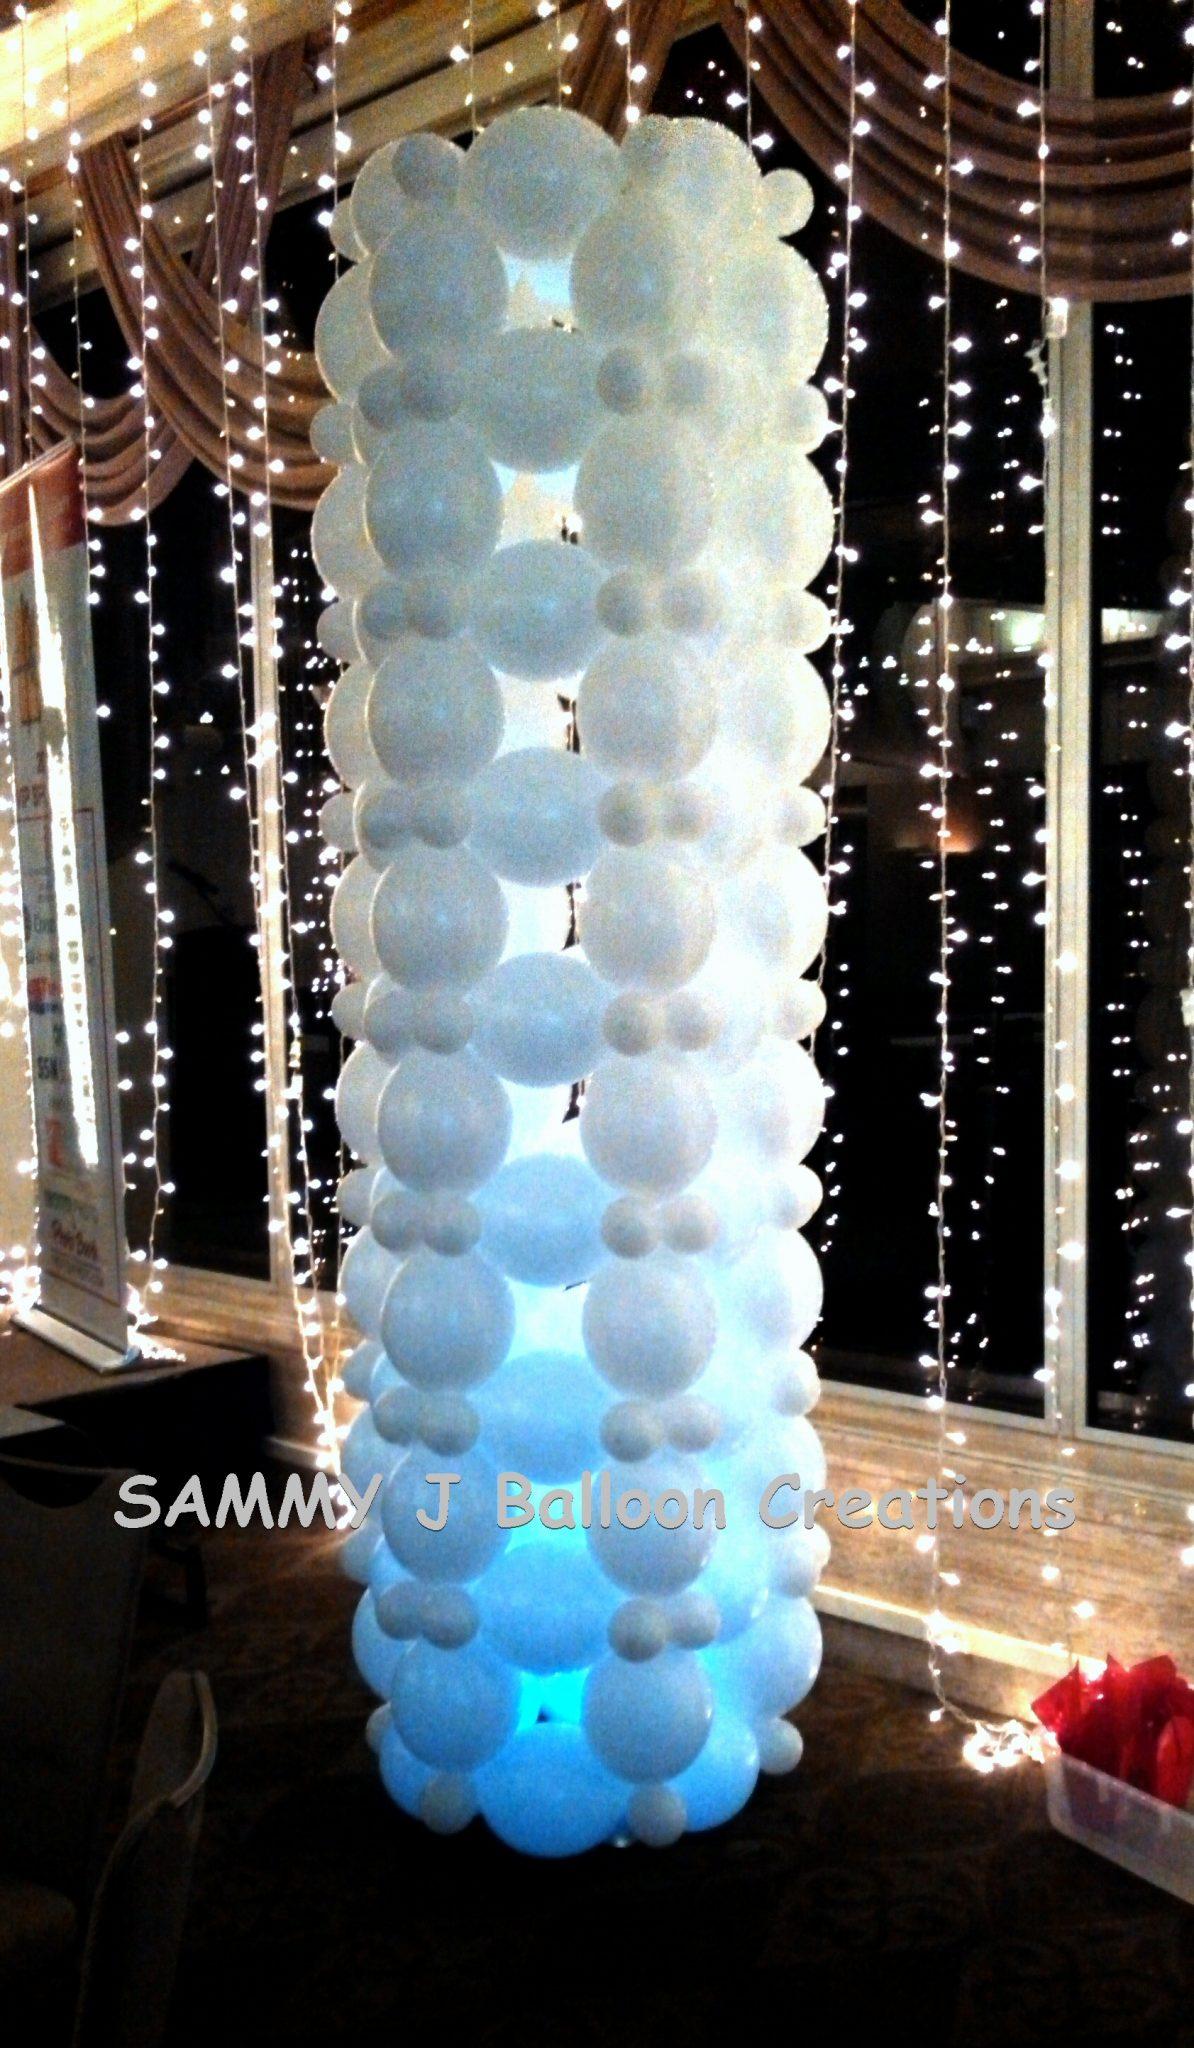 SAMMY J Balloon Creations st louis balloons lighted linkoloon column